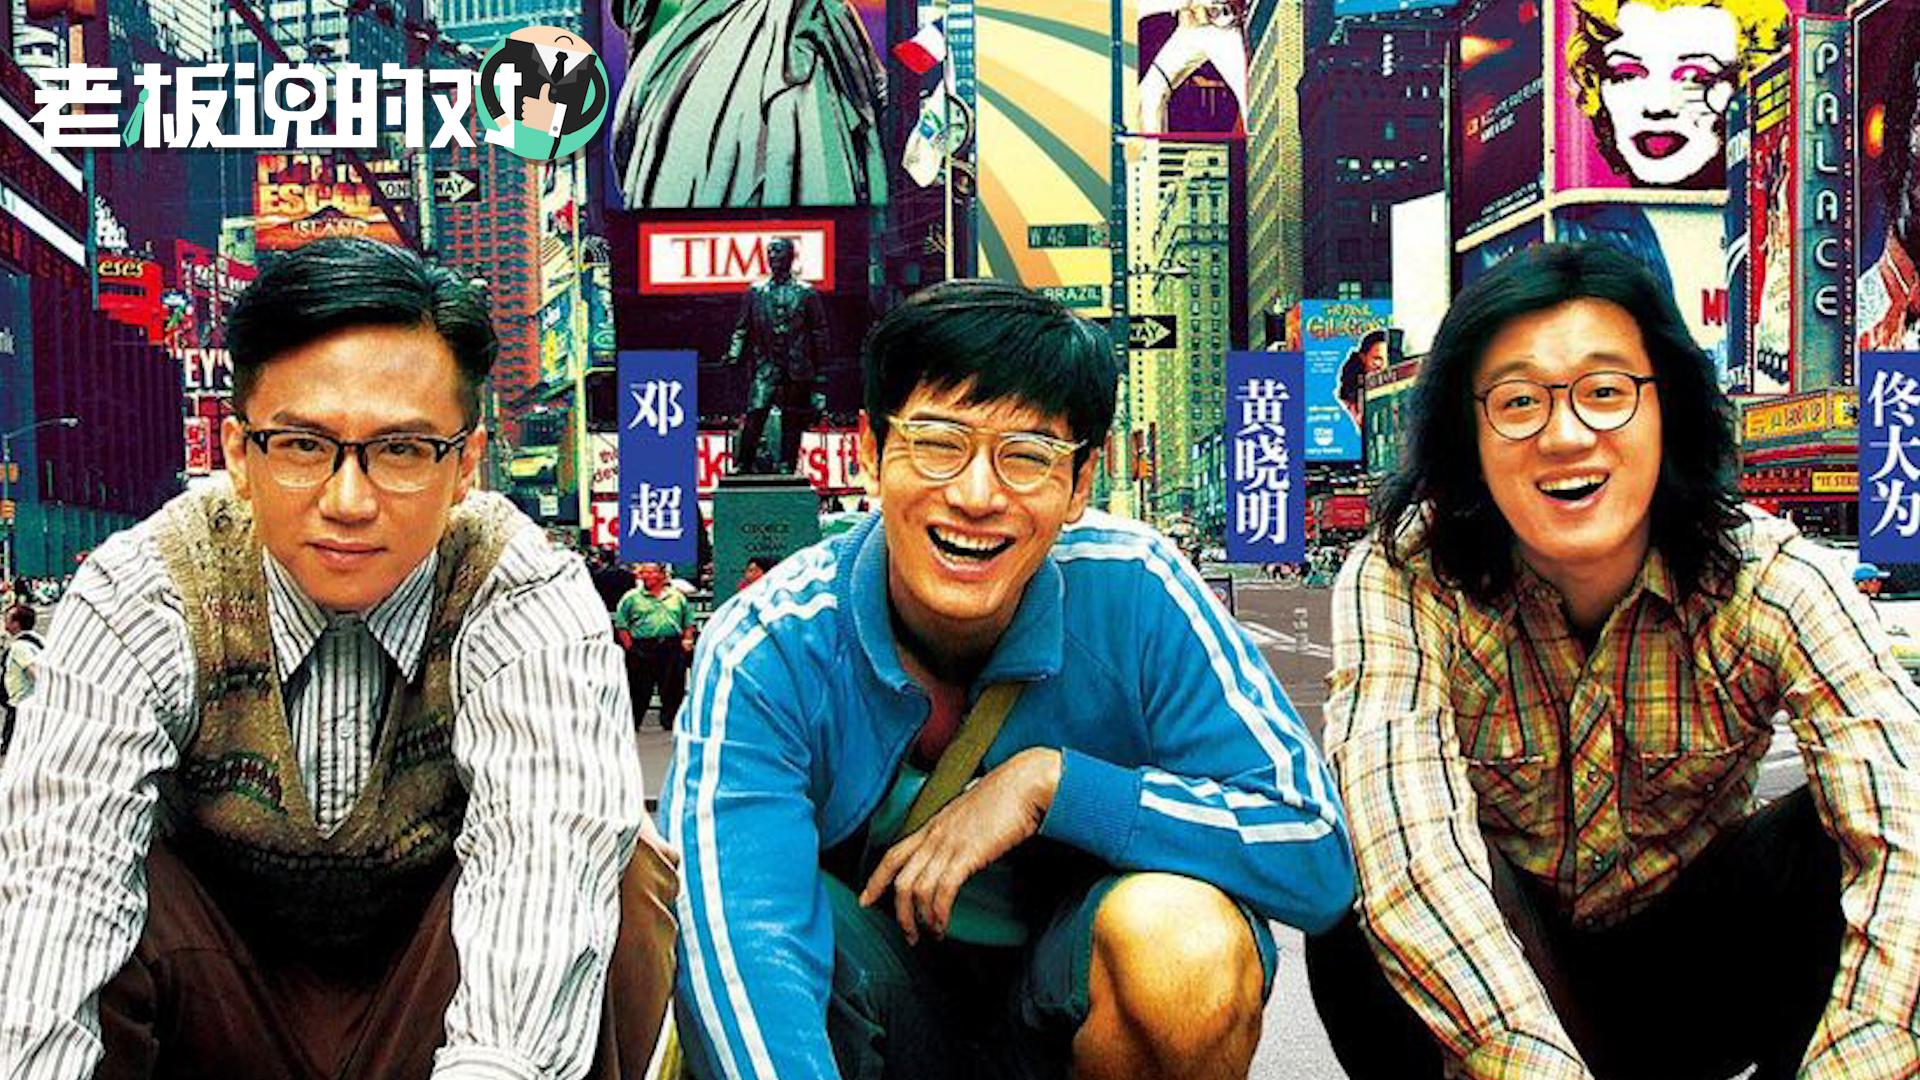 俞敏洪:徐小平在《中国合伙人》中很完美,我却是一个窝囊的农民